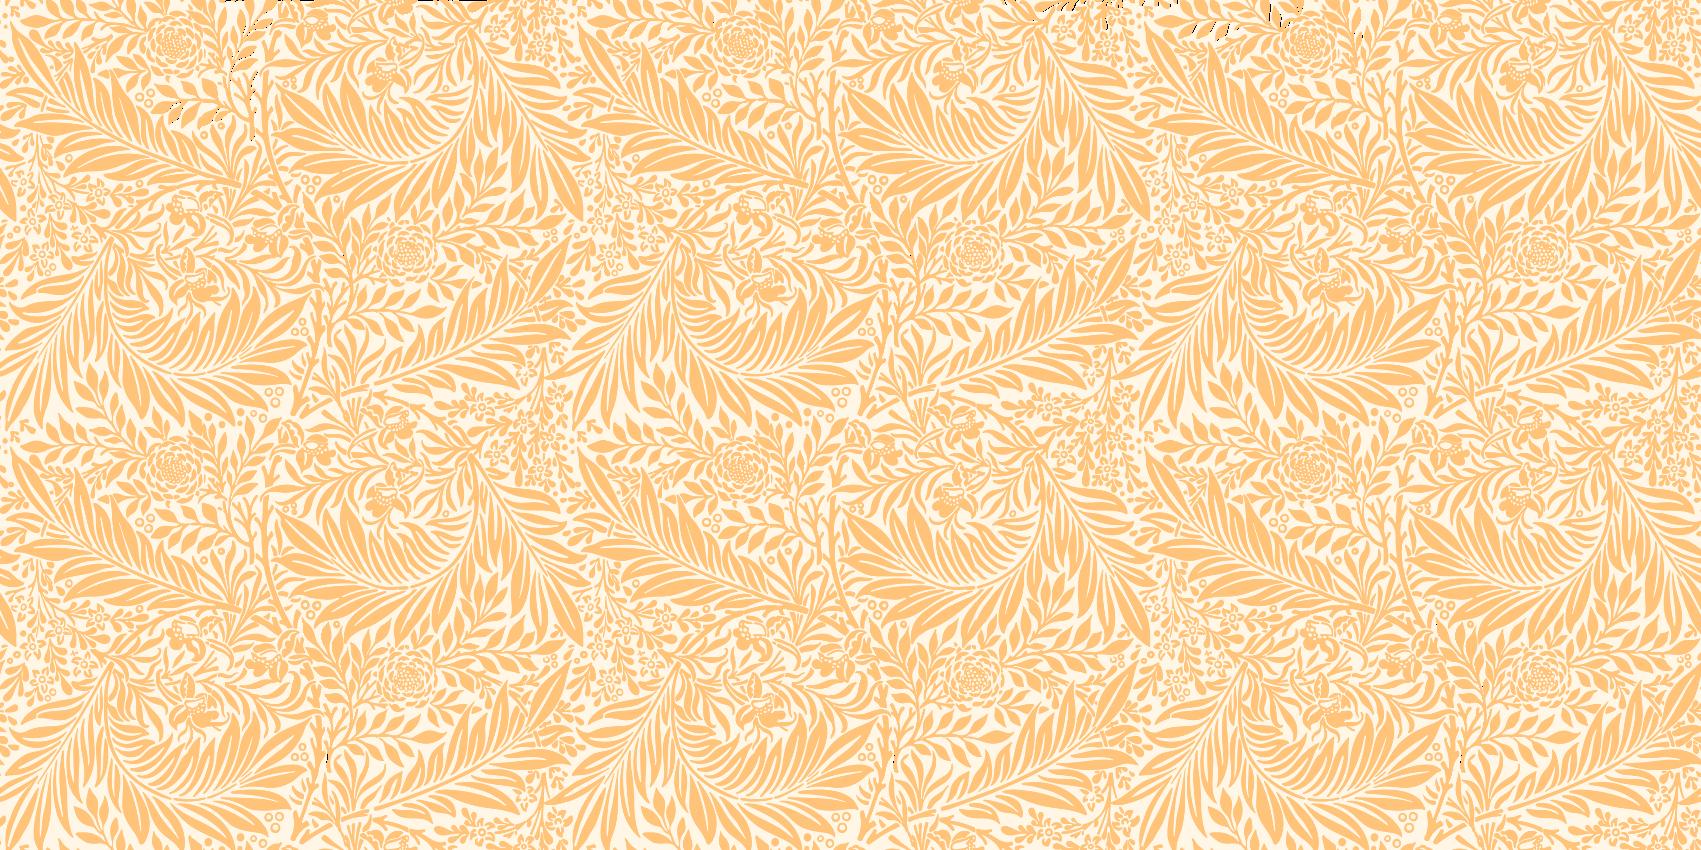 TenStickers. Tapete de vinil flor de laranjeira. Tapete de vinil floral laranja que apresenta um padrão incrivelmente intrincado de folhas e flores, todas coloridas em laranja. Descontos disponíveis.